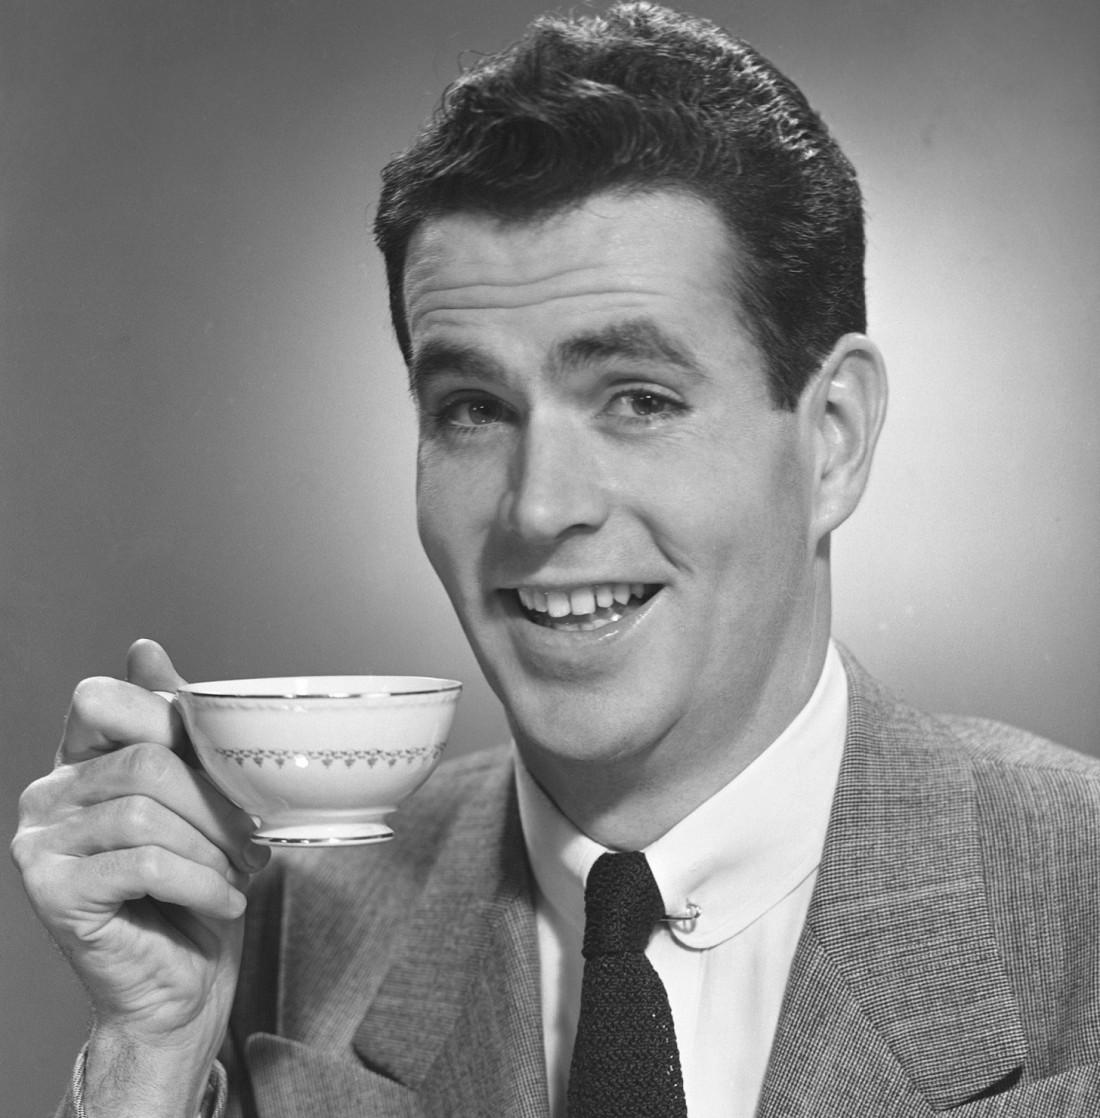 Женщина зовет к себе на чай — у мужчины тут же хорошее настроение